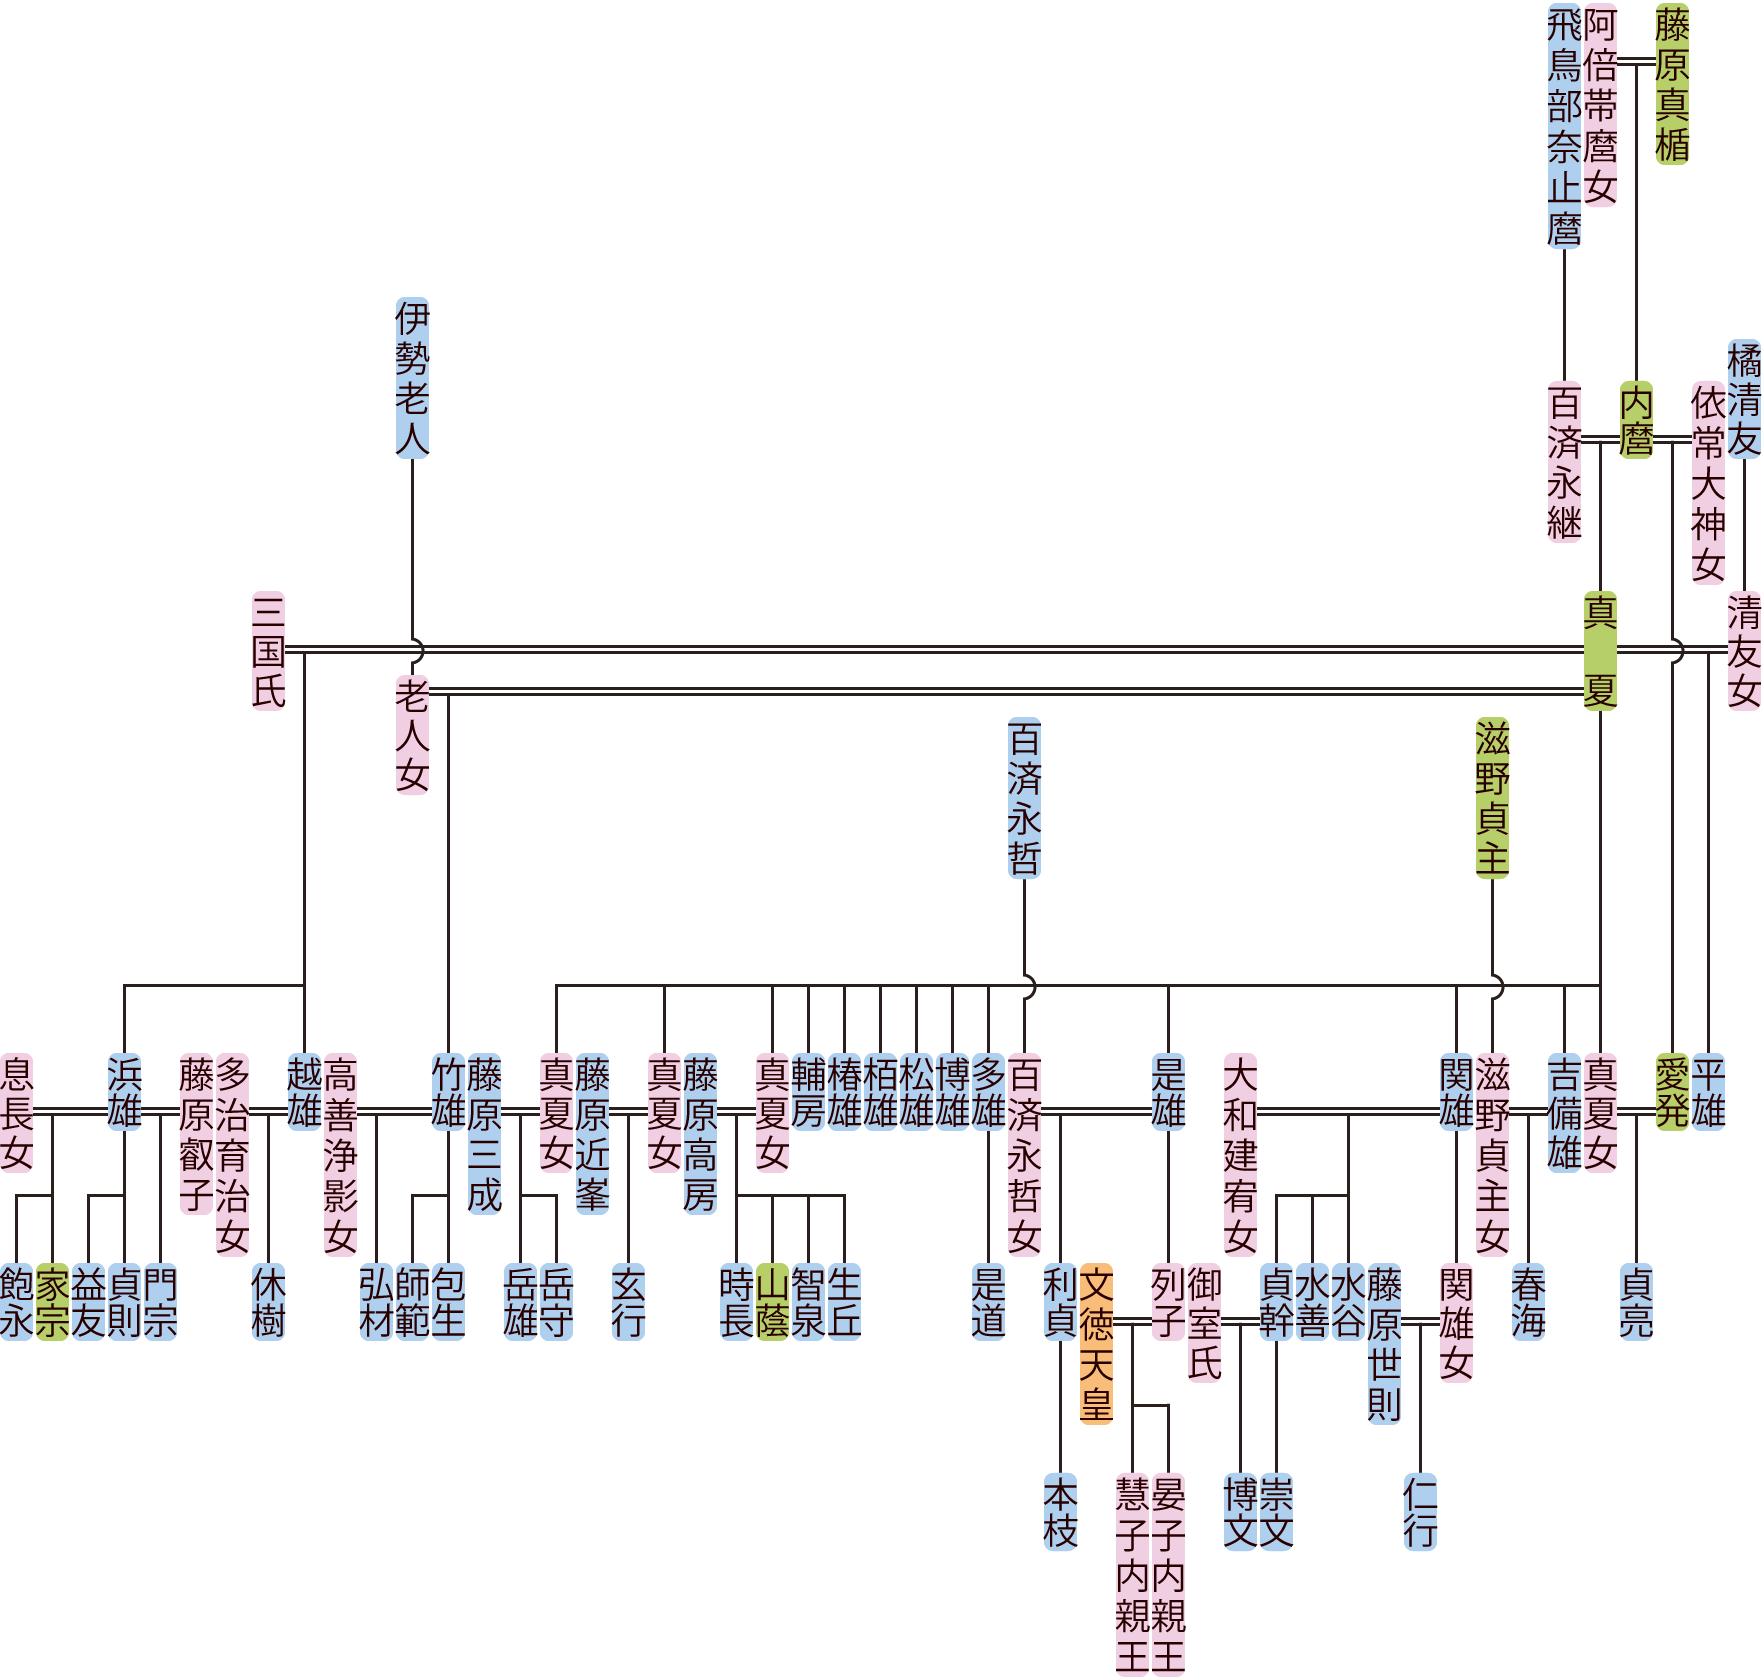 藤原真夏の系図